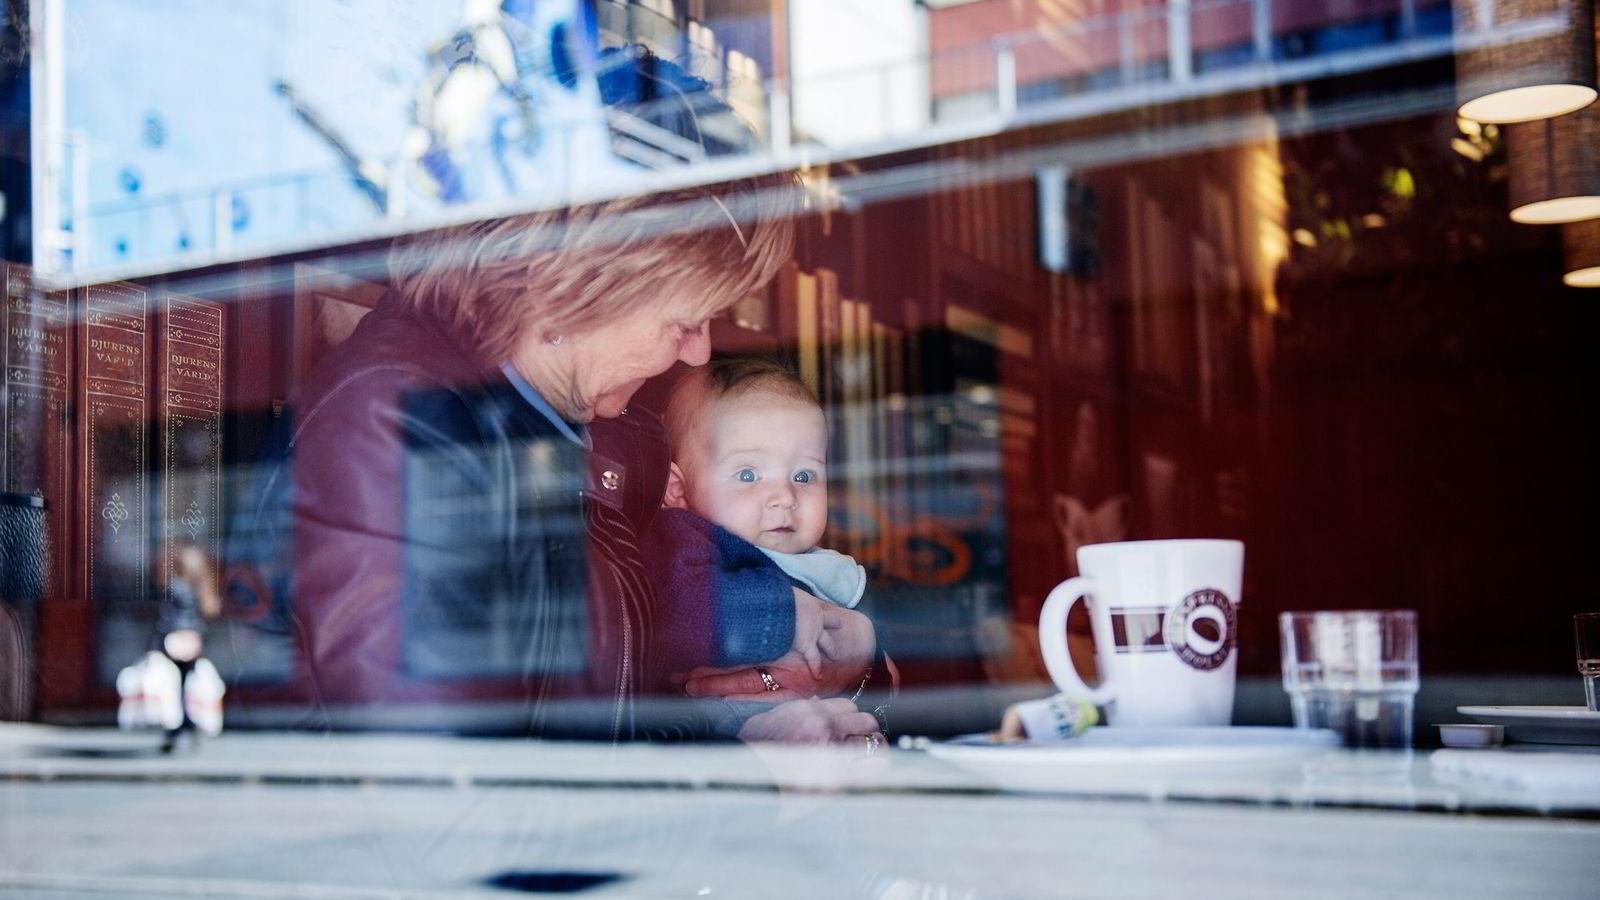 Mormor Grethe Strømsfjord (64) har endret sine vaner de siste årene og går nå ofte på kafé et par ganger i uken. Her er hun med barnebarnet Iver (5 md.) og datteren Hilde Strømsfjord Henden (30).